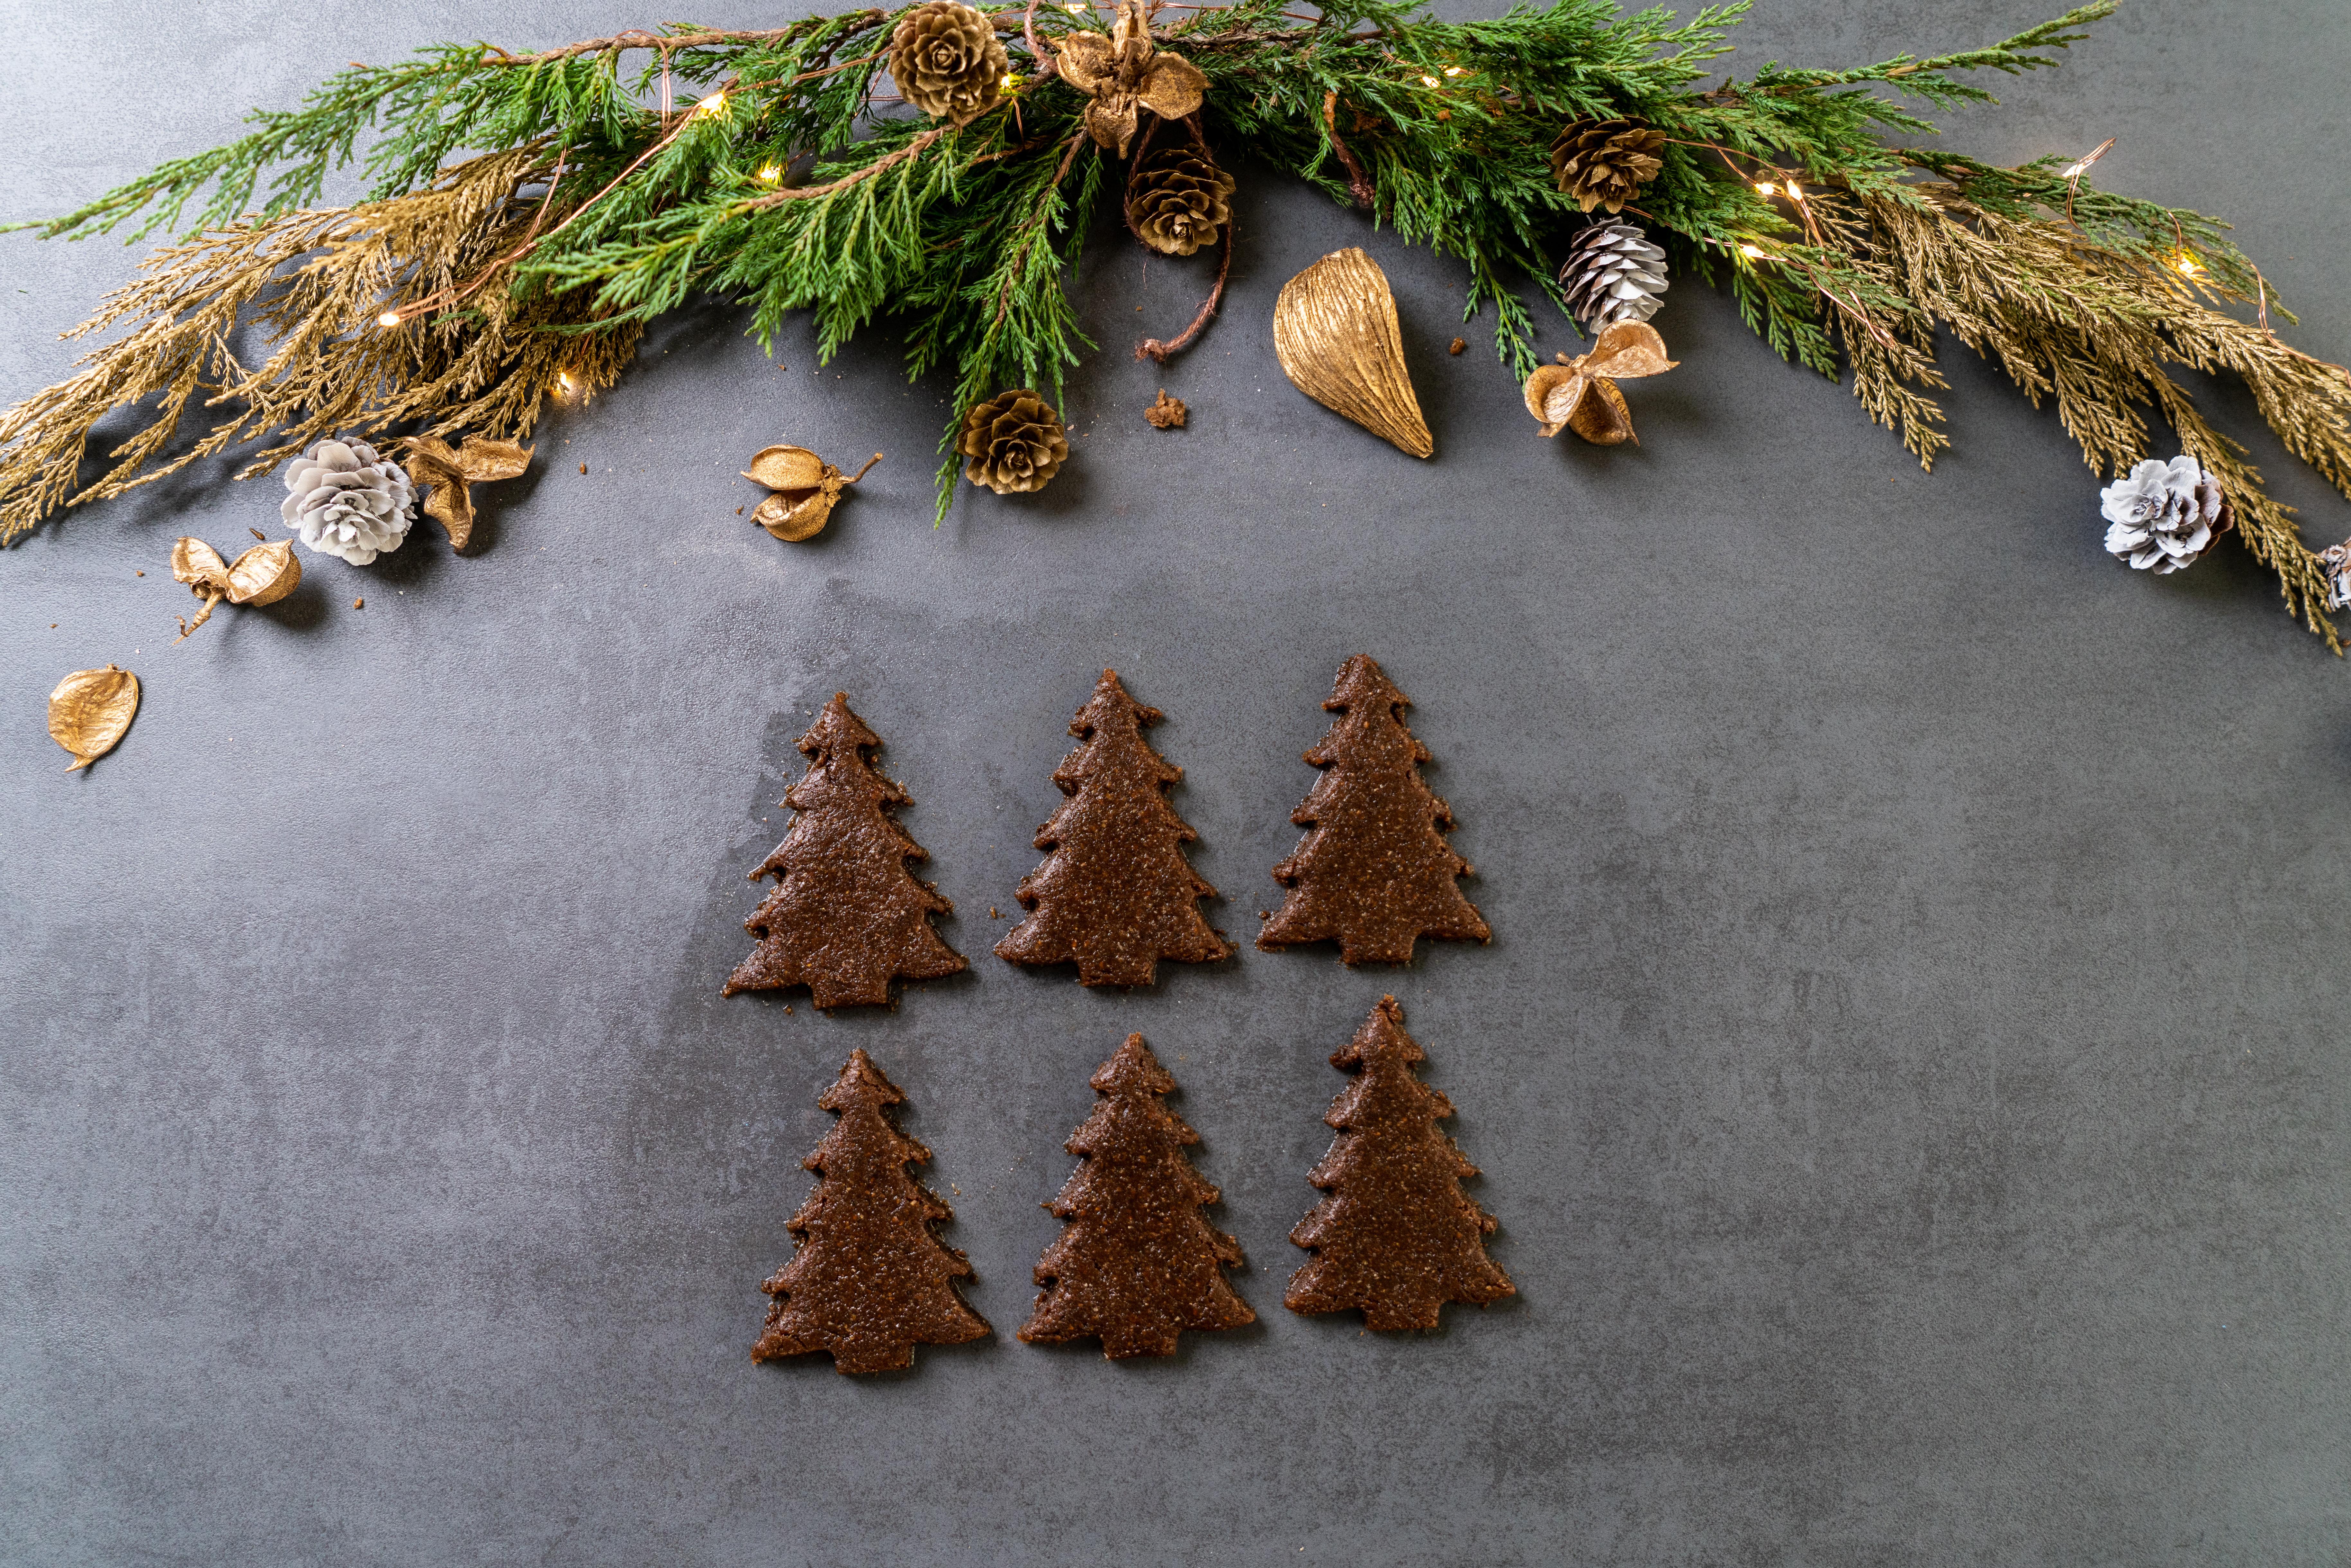 galletas de jengibre en forma de árboles navideños para colocar en el horno, recetas de galletas saludables fáciles de hacer